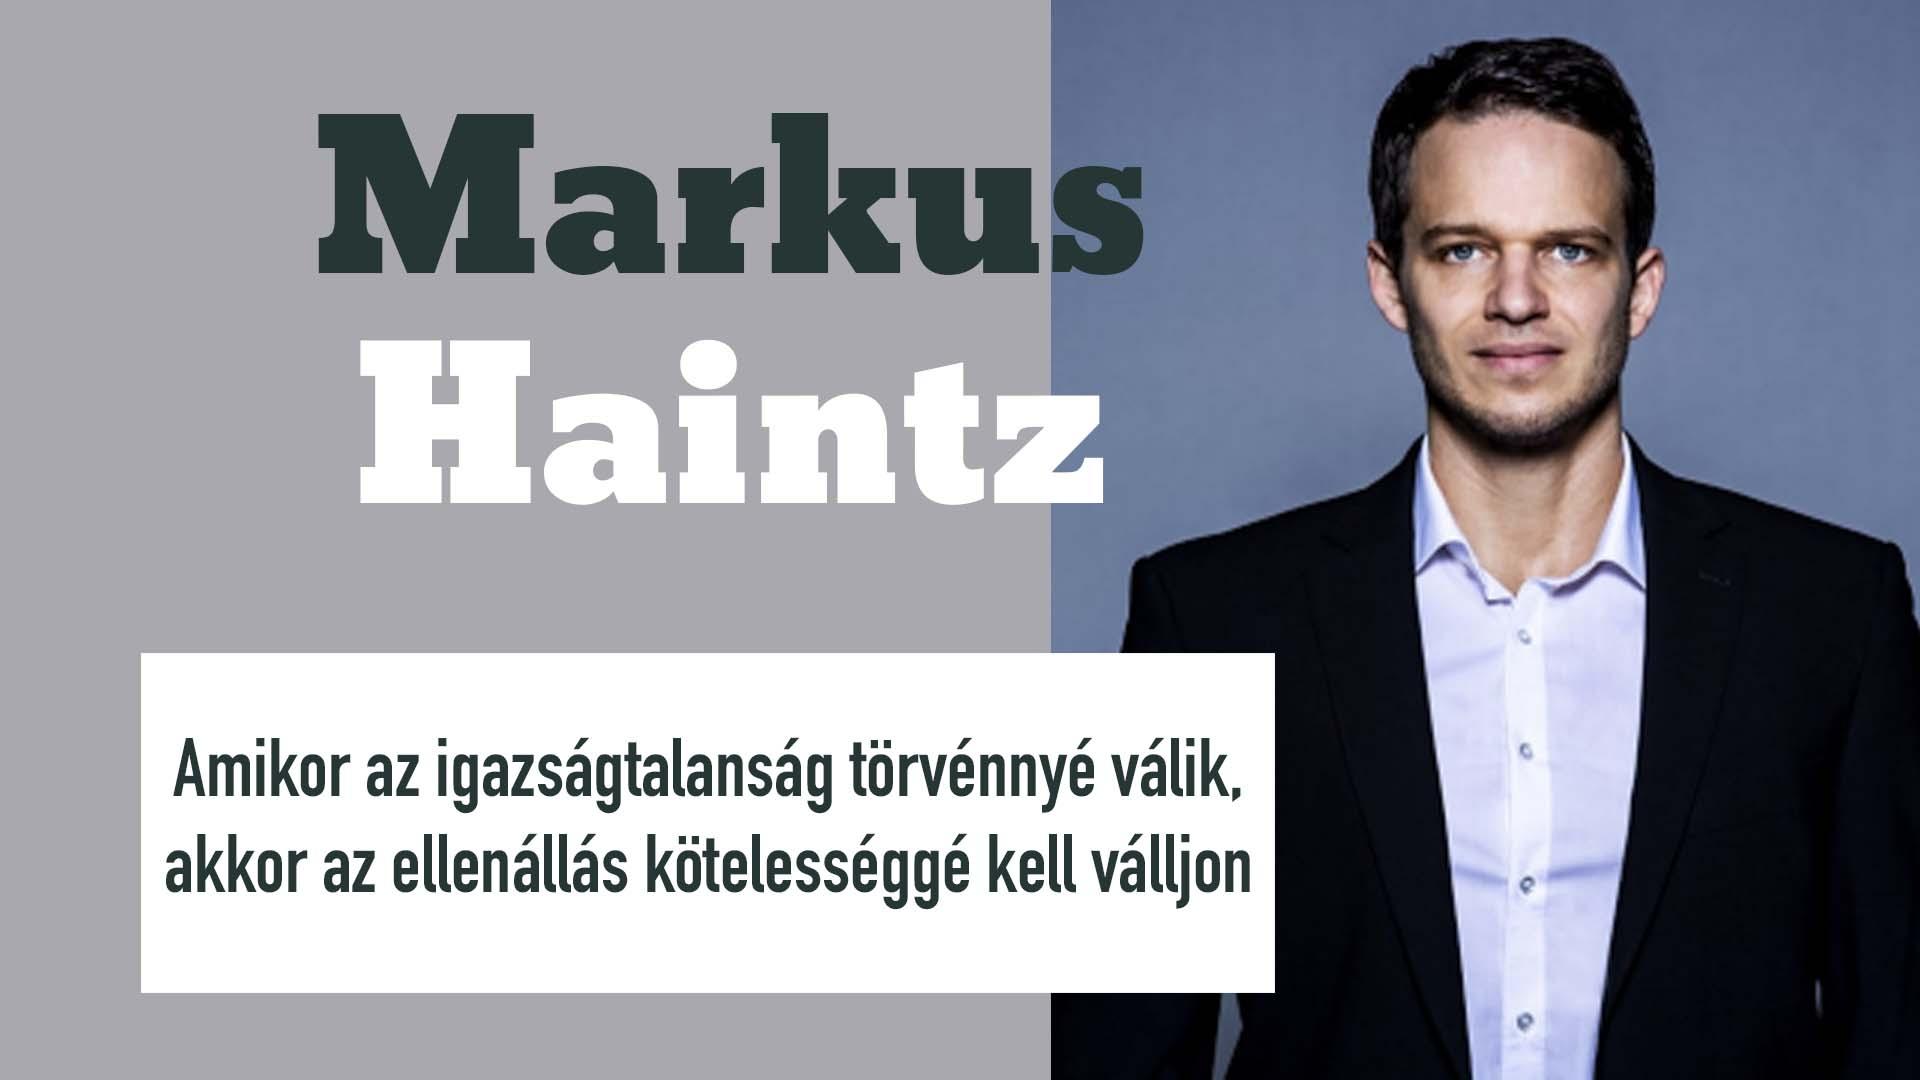 Markus Haintz (D) – Amikor az igazságtalanság törvénnyé válik, akkor az ellenállás kötelességgé kell váljon